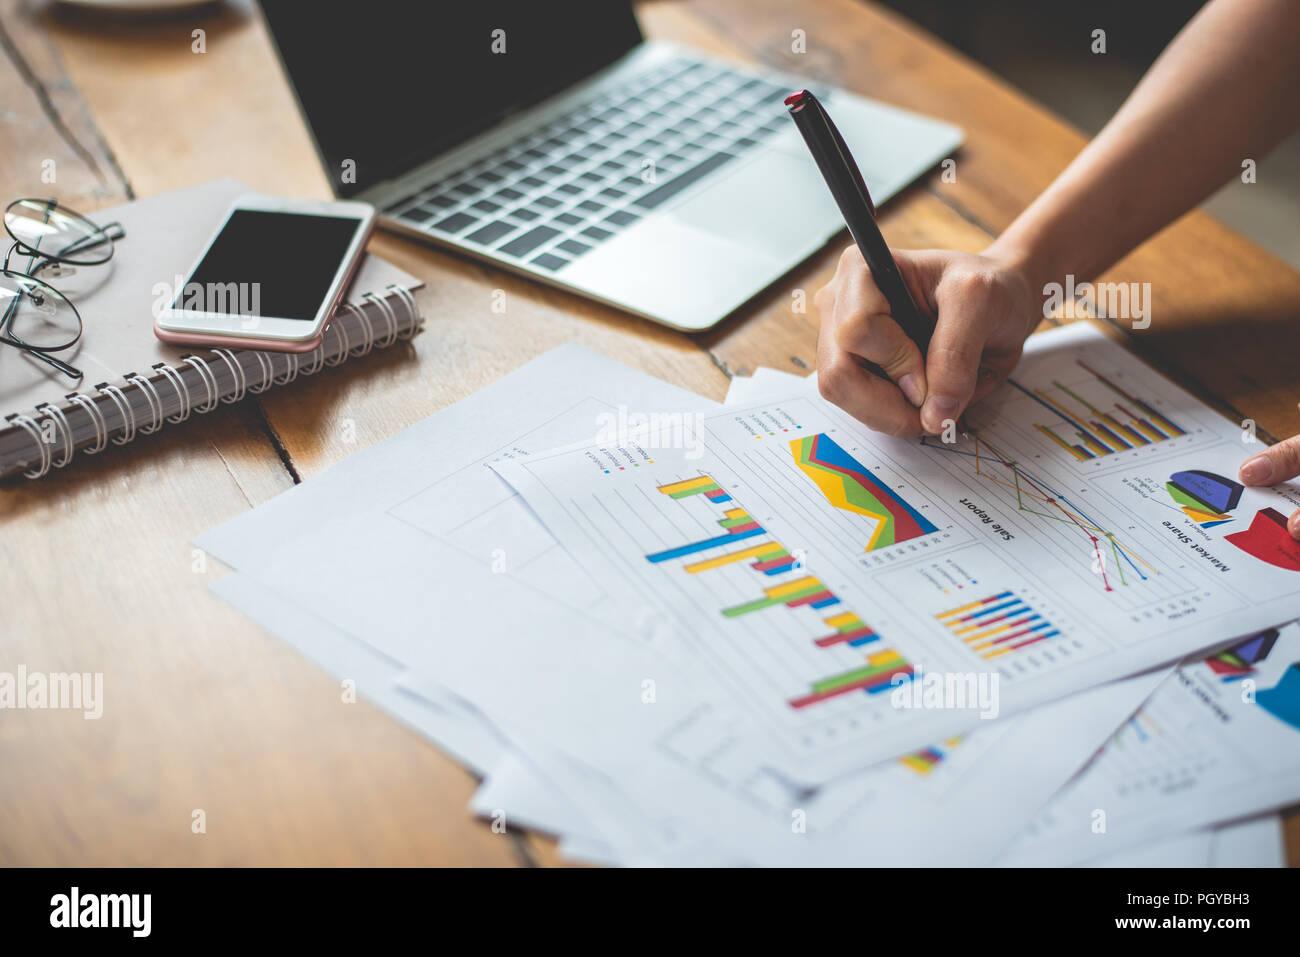 Cerca de la empresaria de escritura a mano los datos del informe de resumen. Concepto de propiedad empresarial y de marketing. Las personas y los estilos de vida concepto. Empleado de negocios Imagen De Stock